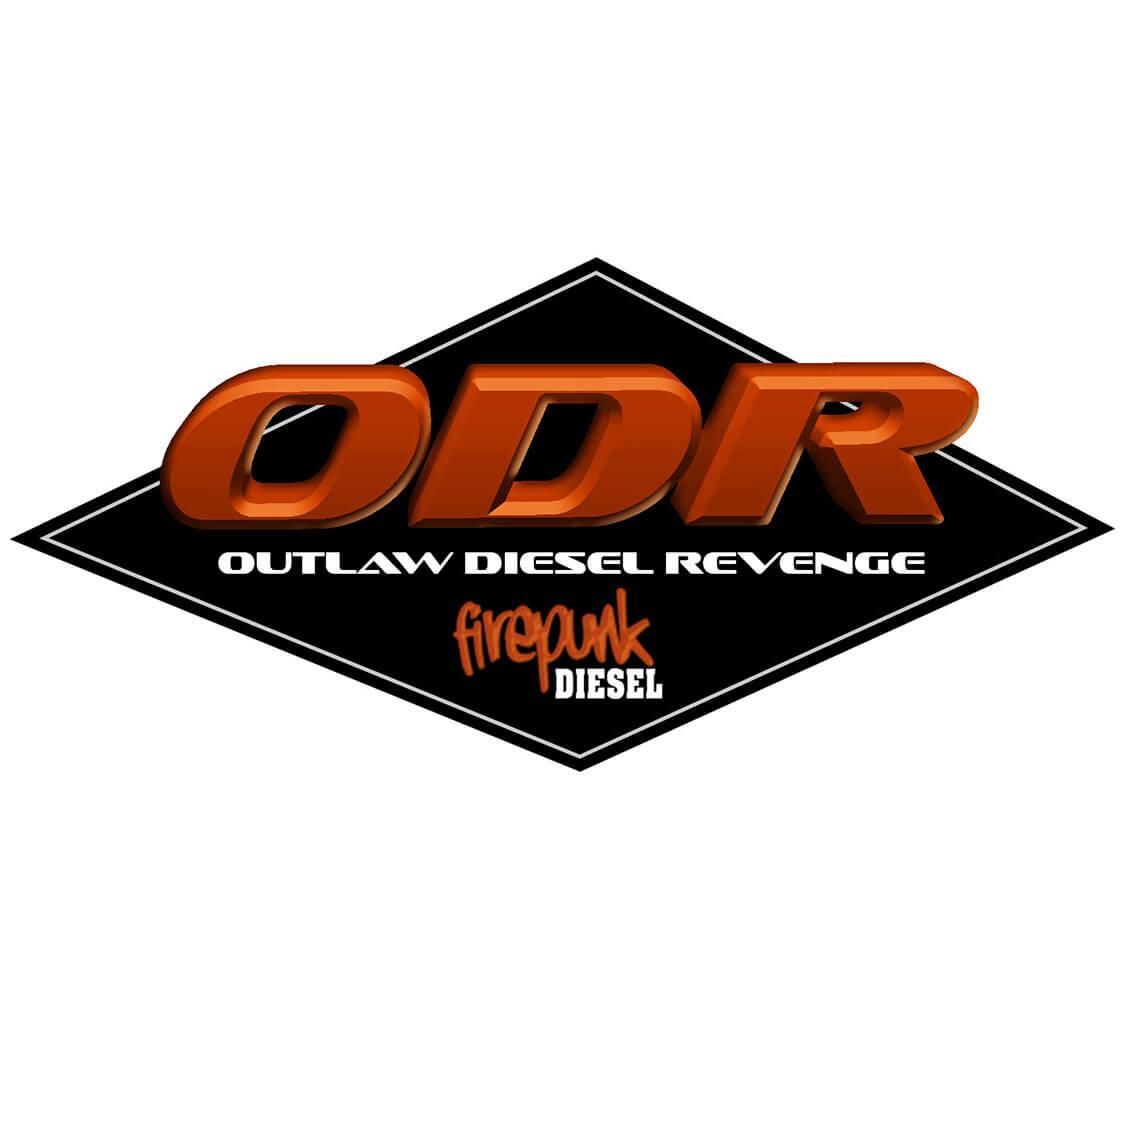 Outlaw Diesel Revenge 2019